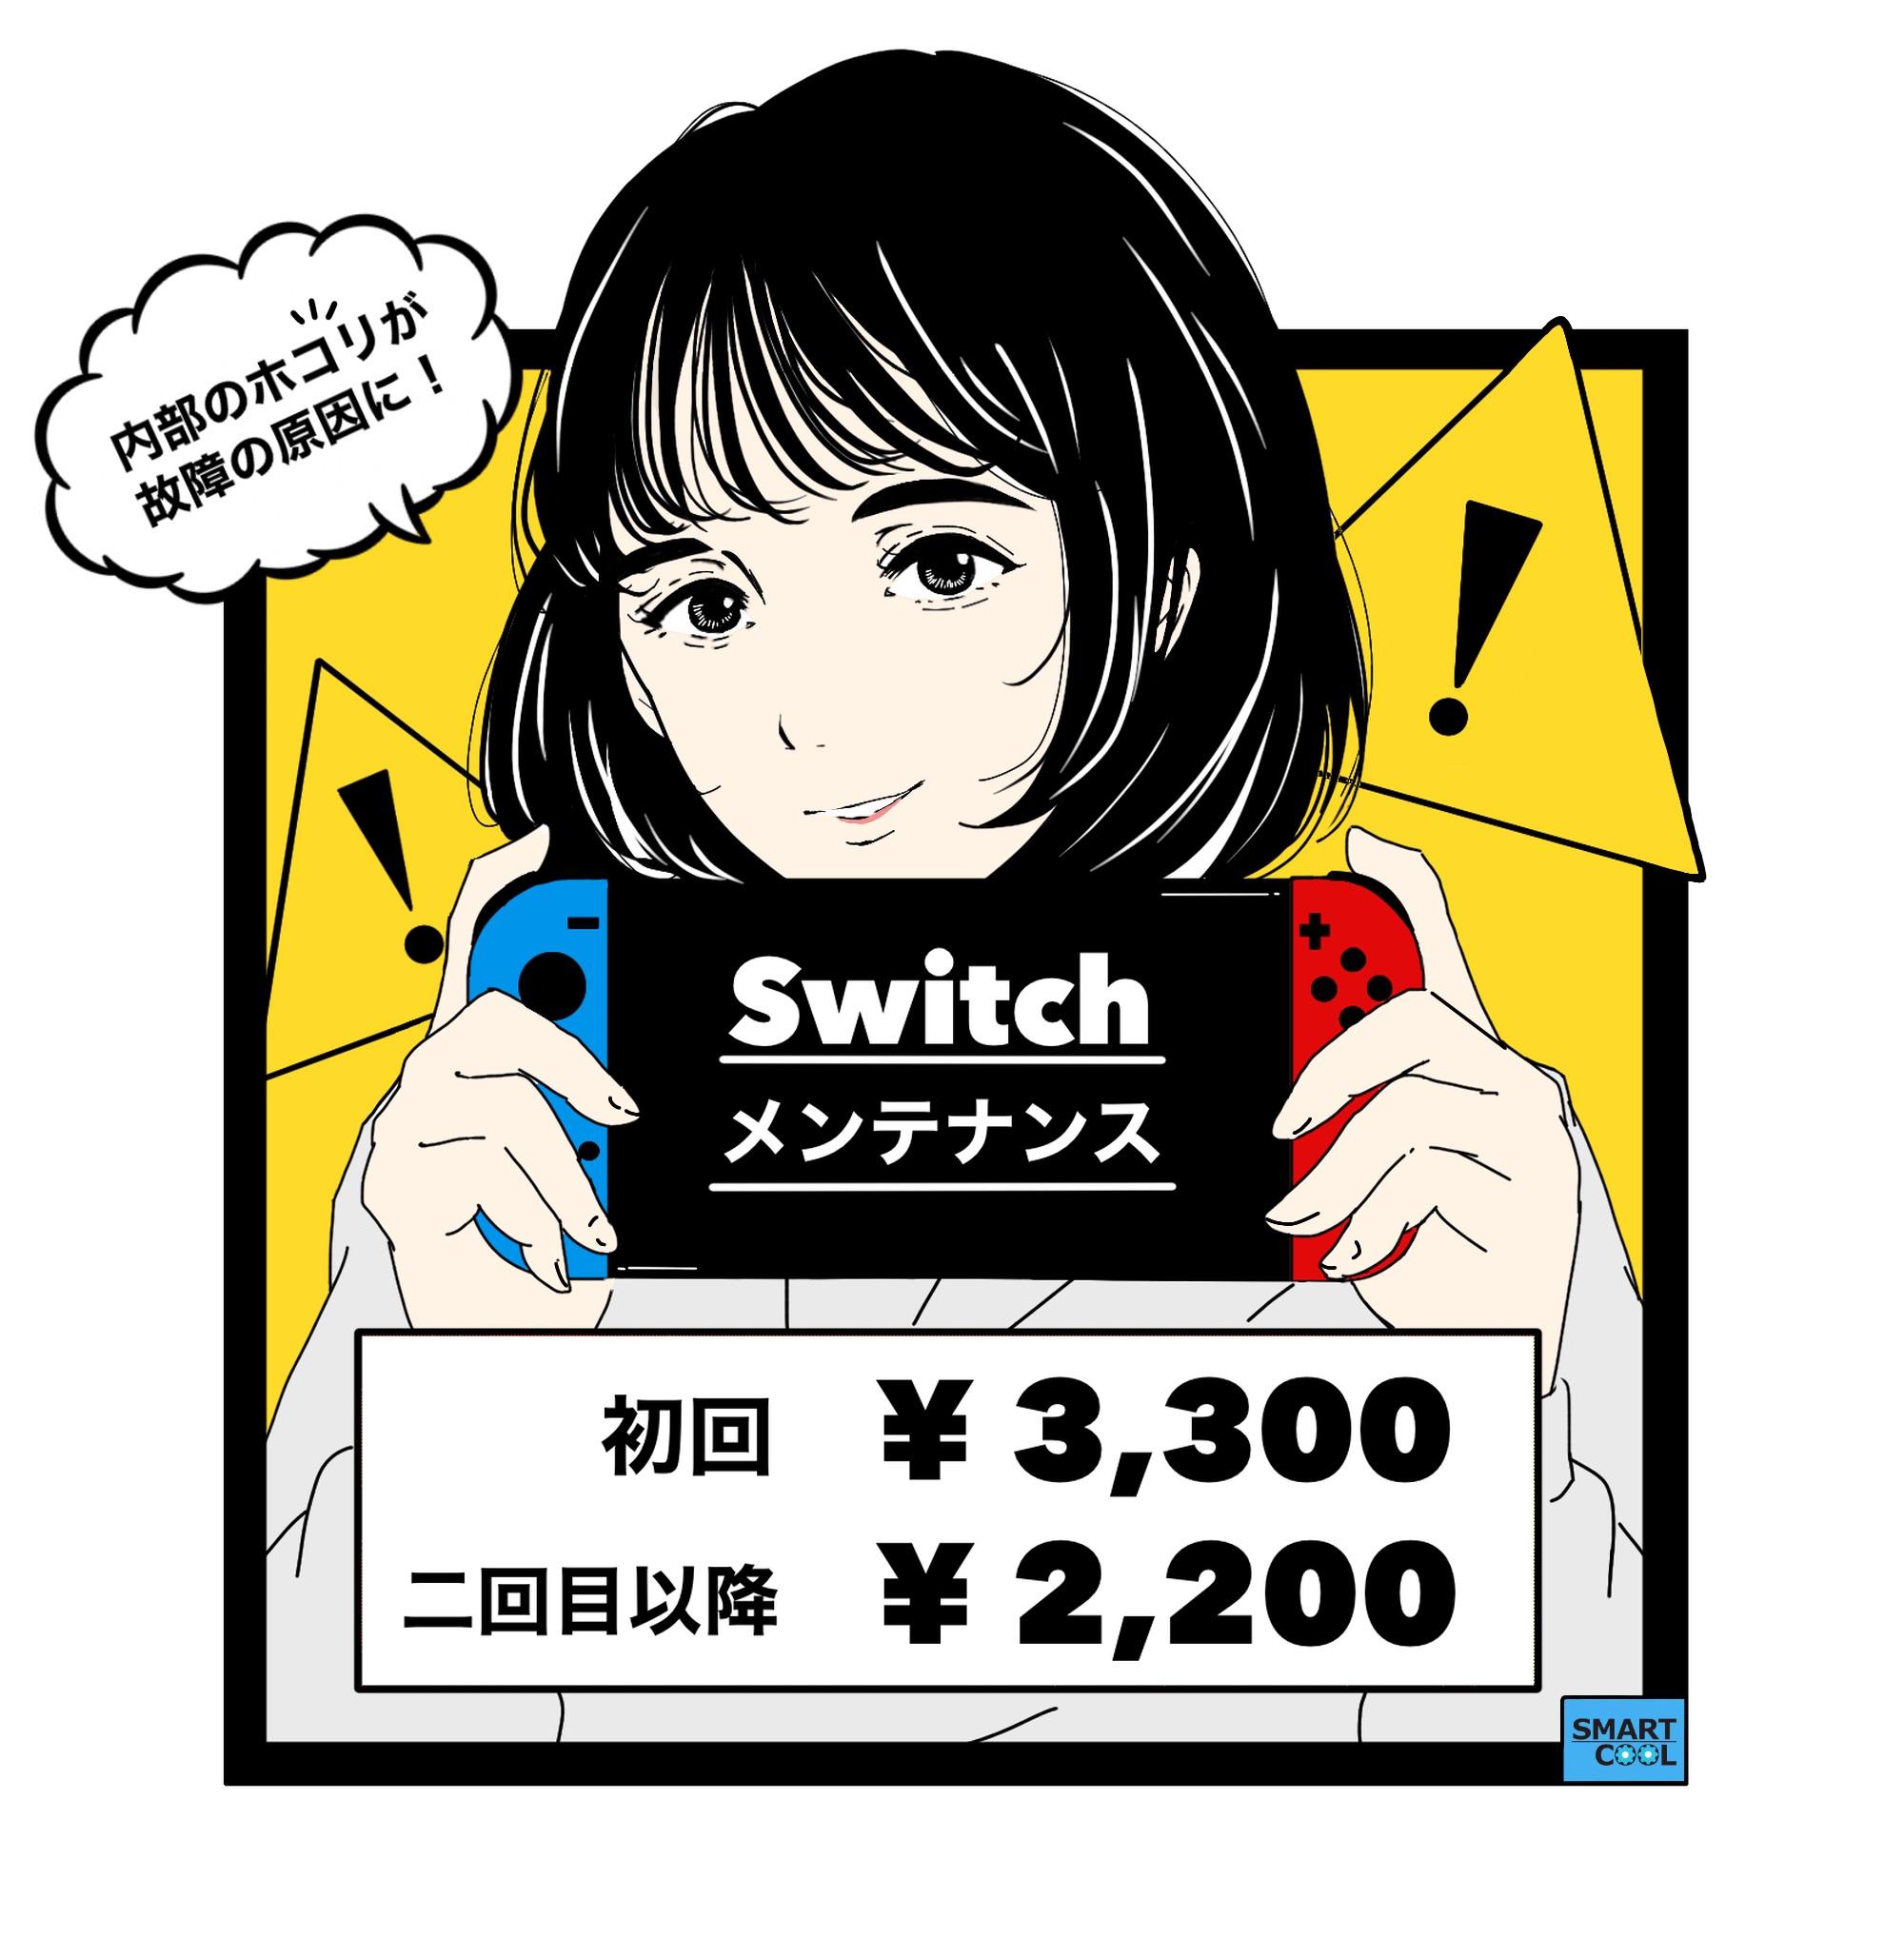 Nintendo Switchのメンテナンスが佐賀でできる!?【Switch メンテナンス】